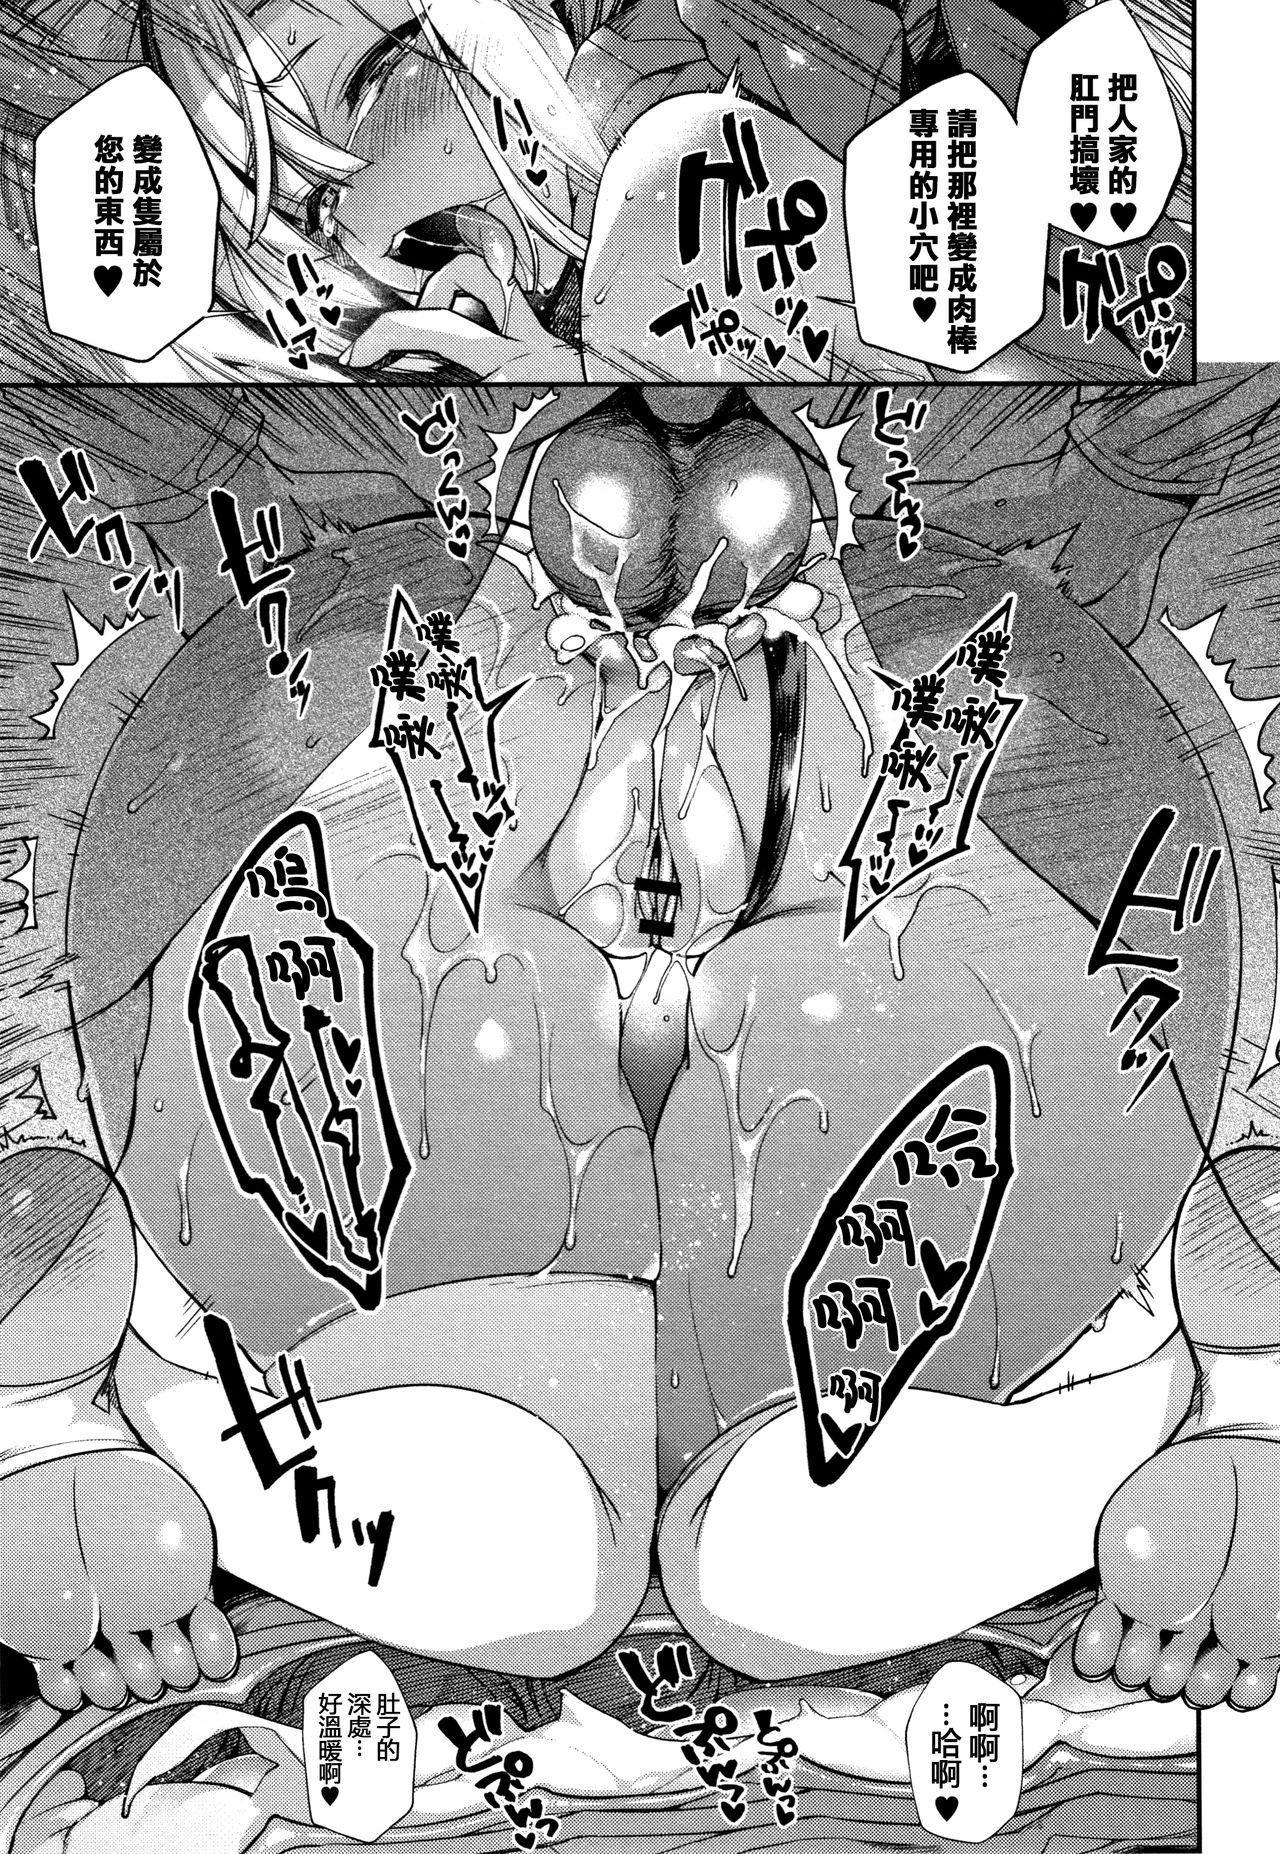 Hitonarazaru Oyomesama 137